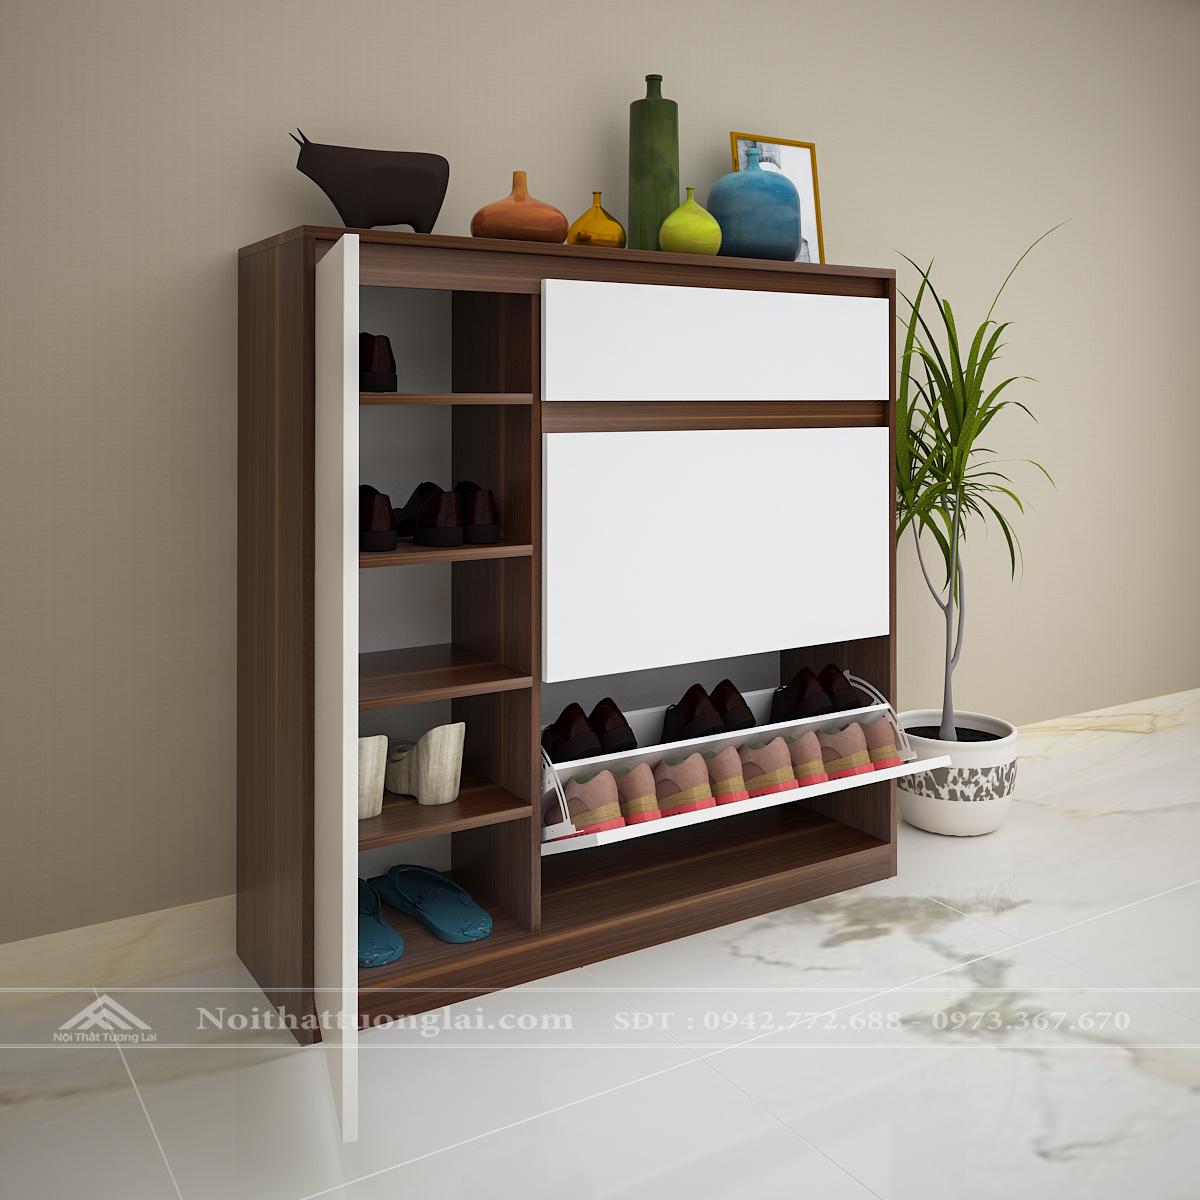 Tủ giầy đẹp thiết kế thông minh TG6802